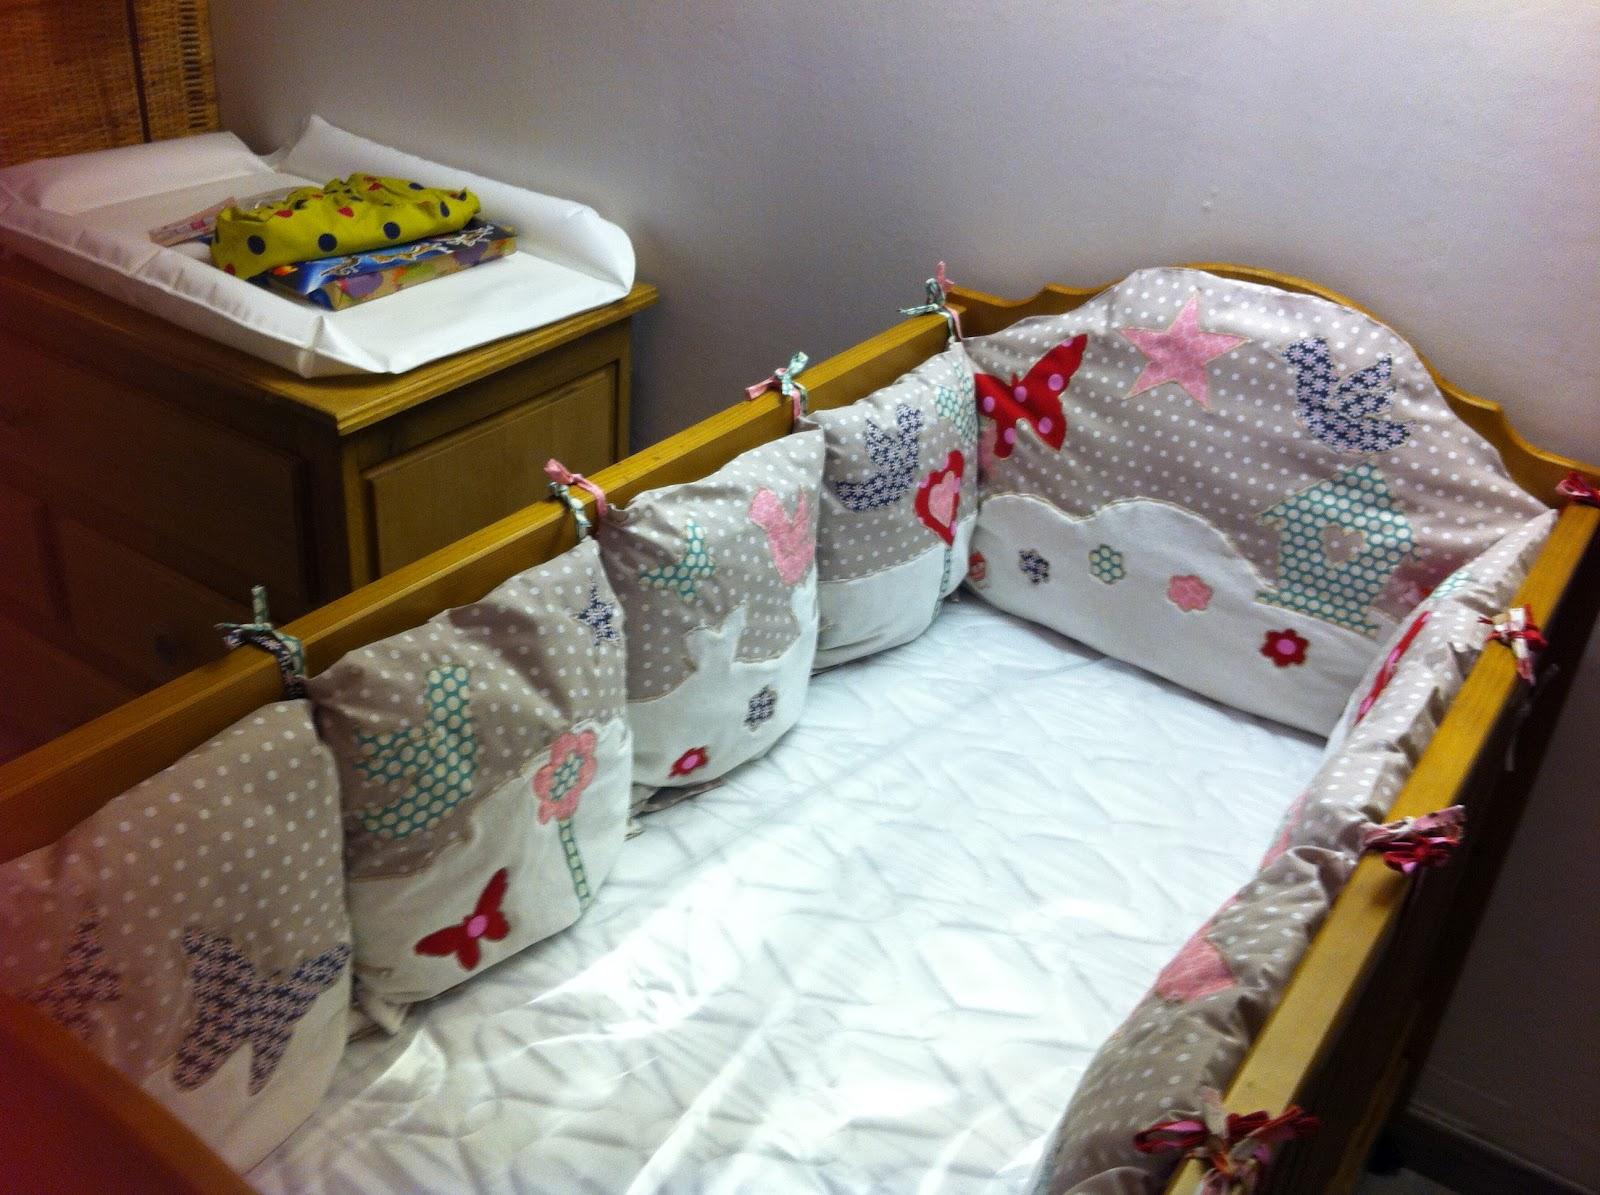 coussin tour de lit bébé Charlotte aux fraises: Le tour de lit coussins coussin tour de lit bébé